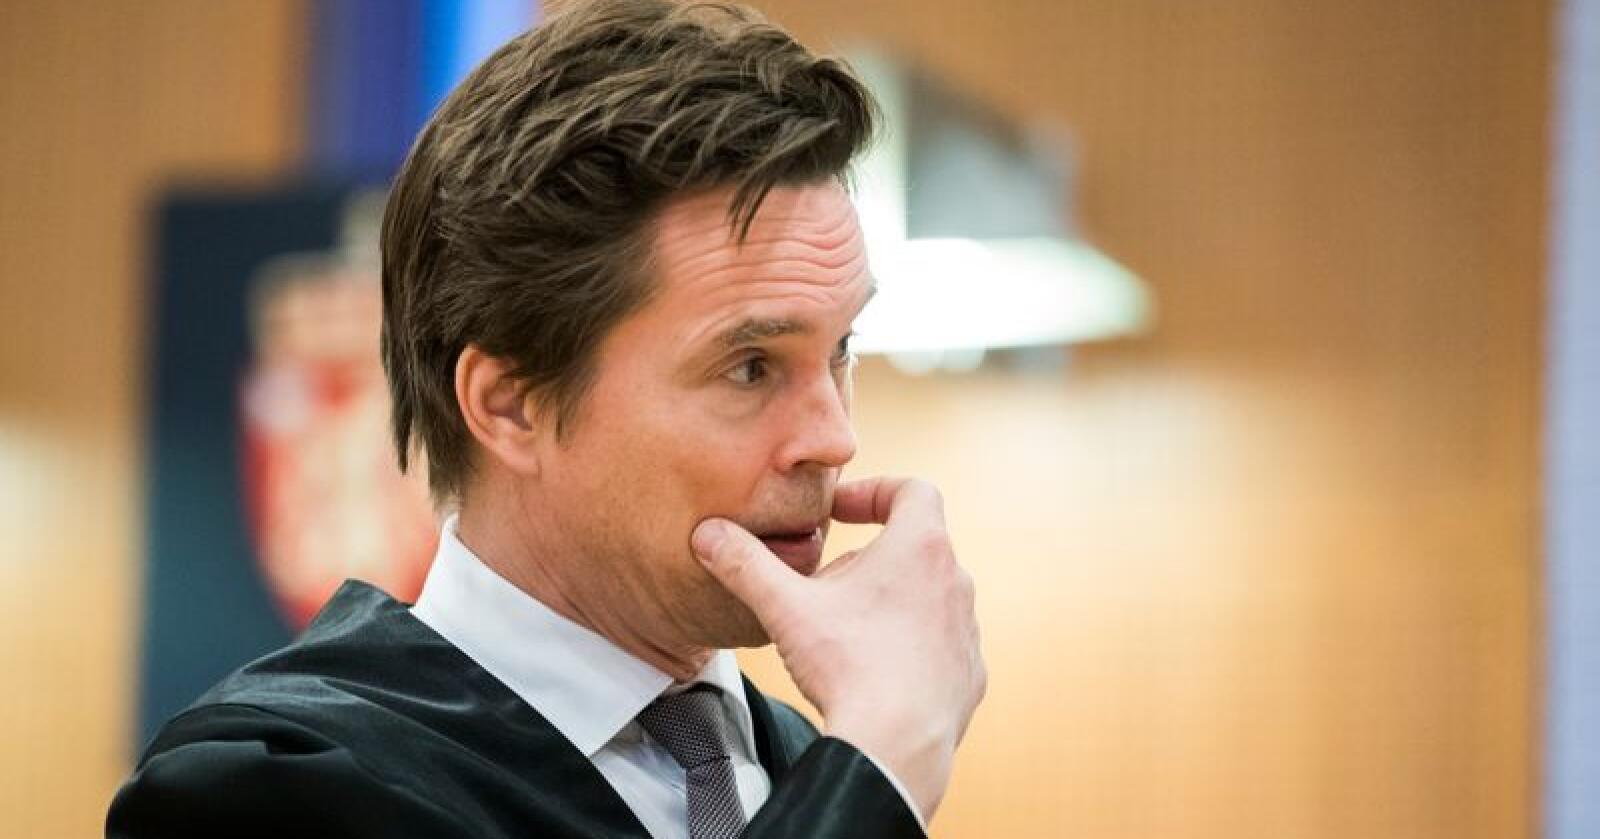 Advokat Marius Dietrichson som forsvarer den Nortura-ansatte som er siktet av Økokrim for grov korrupsjon. Foto: Håkon Mosvold Larsen / NTB scanpix